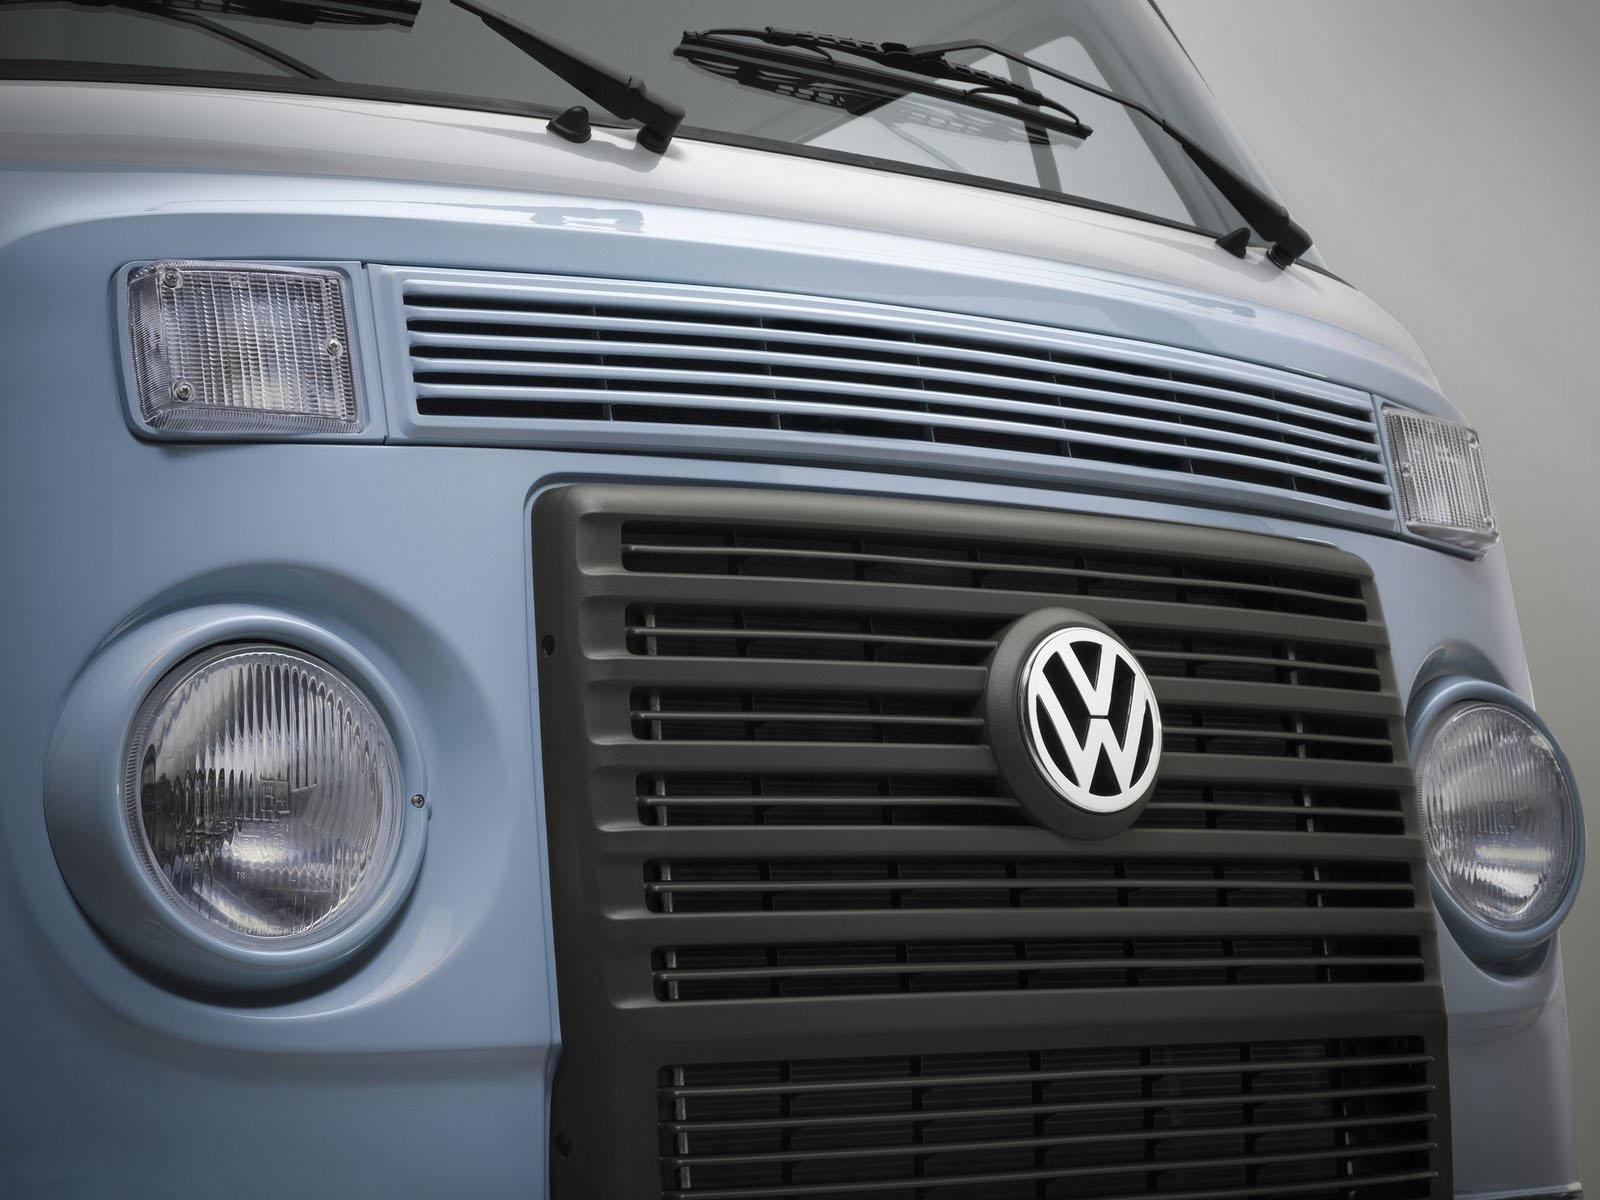 novo Volkswagen Kombi edição especial 2014 dianteira grade